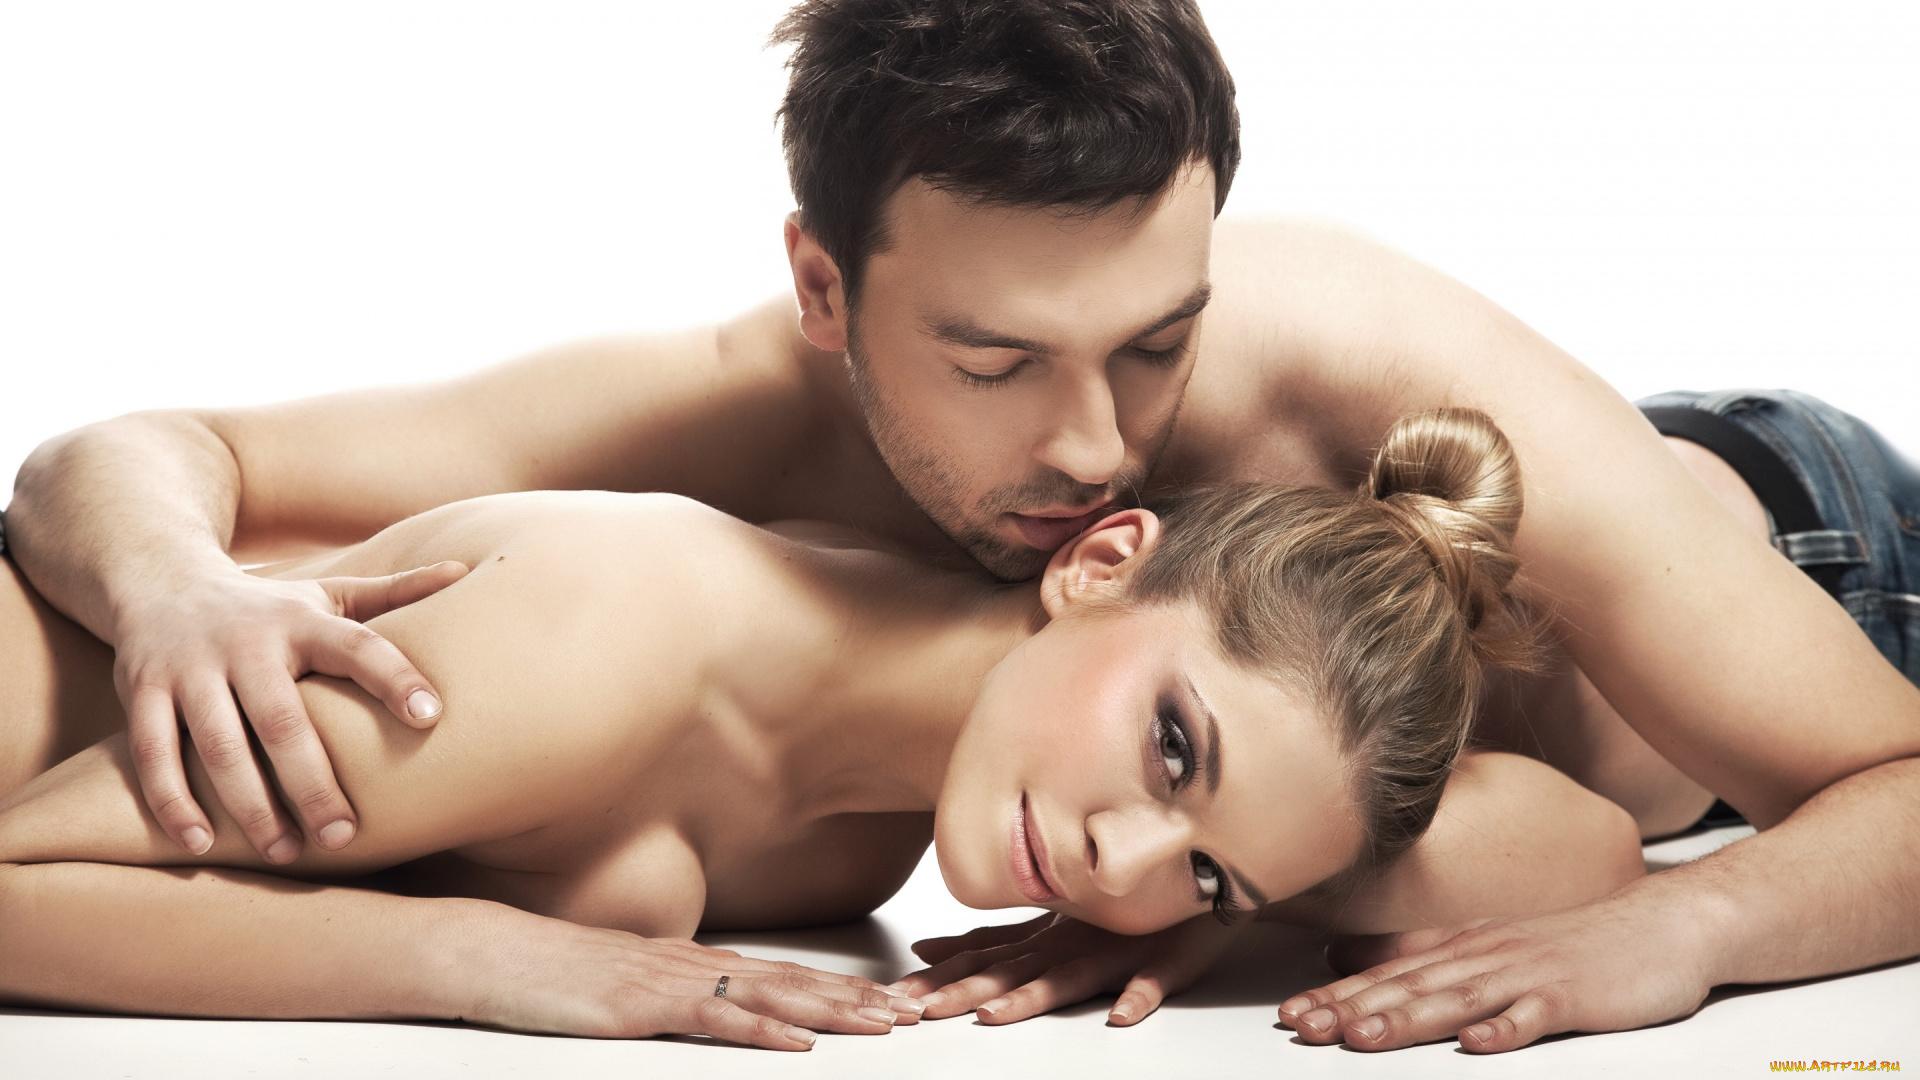 Самый простой секс 2, Порно секс втроем, 2 девушки и 1 парень - Смотреть 13 фотография